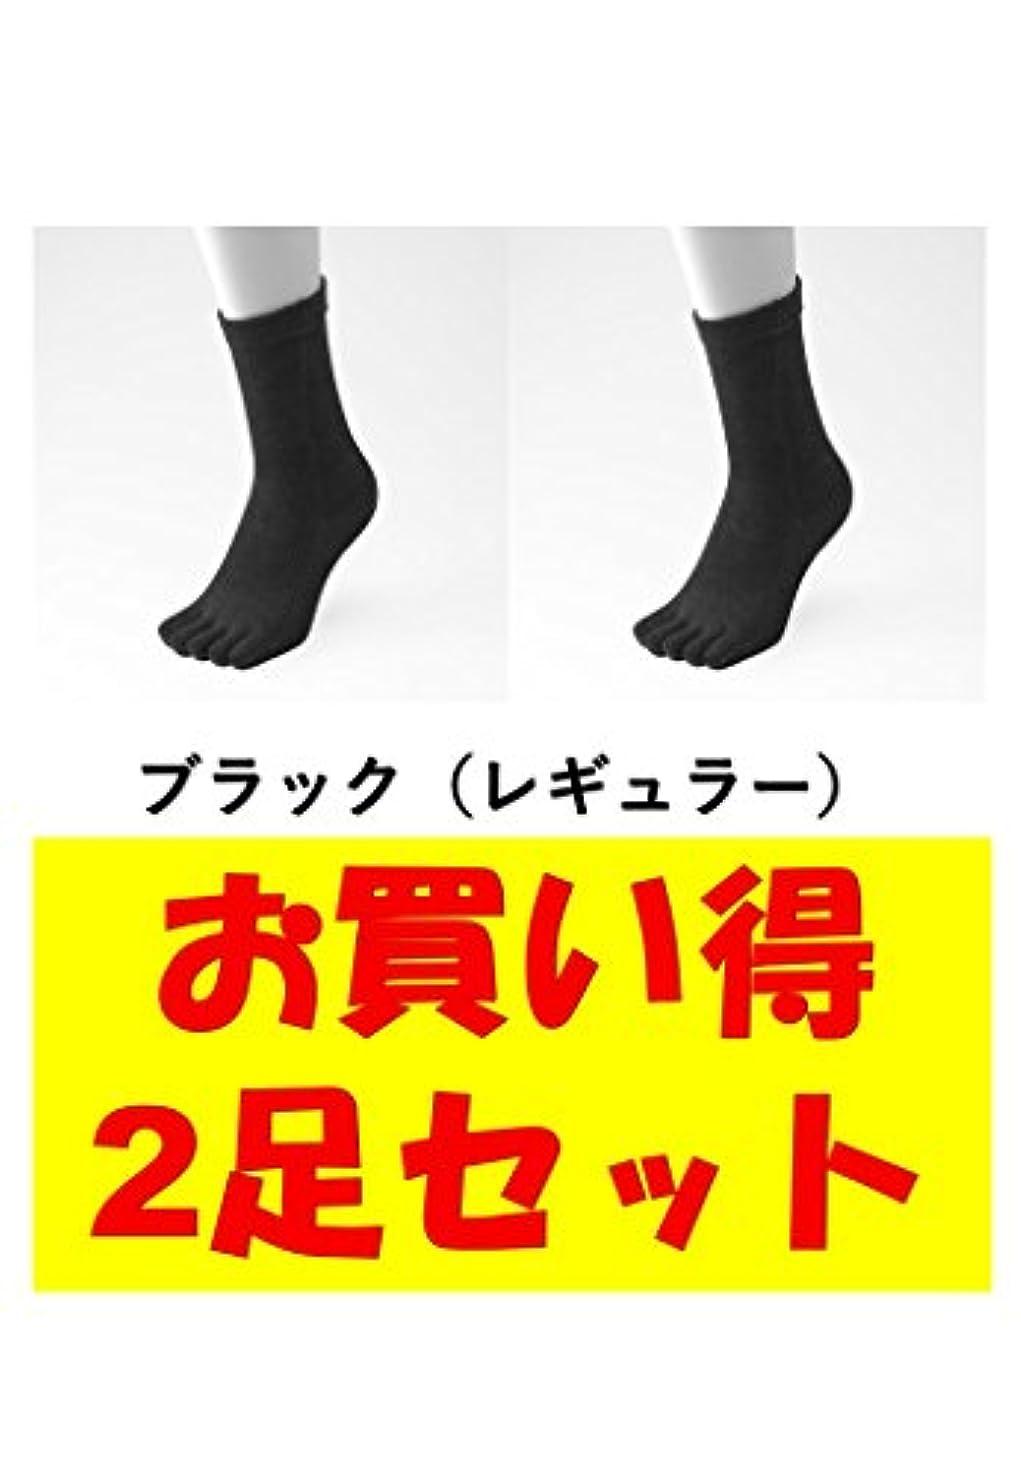 刻む警察署獣お買い得2足セット 5本指 ゆびのばソックス ゆびのばレギュラー ブラック 女性用 22.0cm-25.5cm HSREGR-BLK